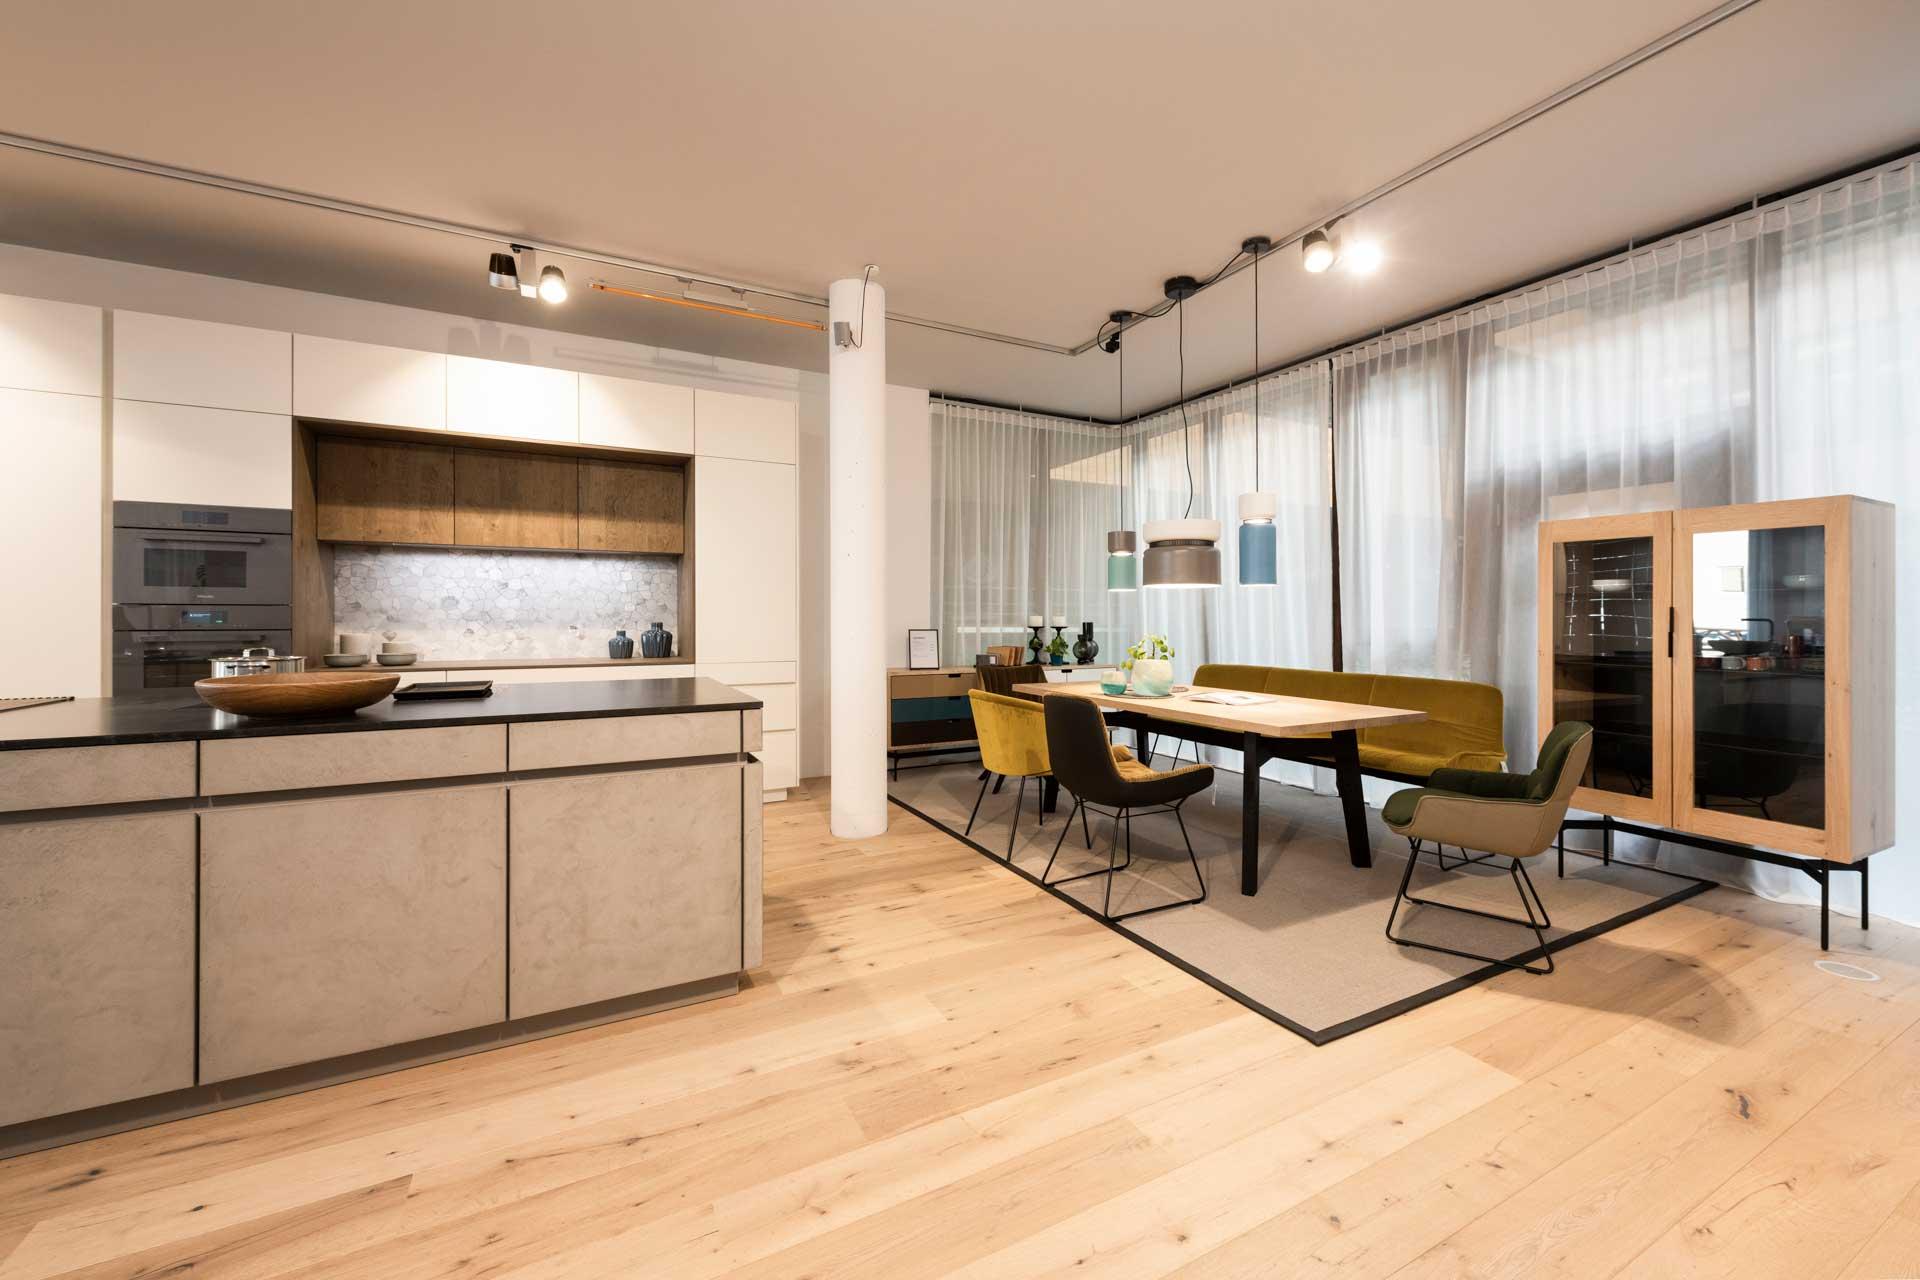 couchzone - Interior Design Innsbruck - Küchenstudio